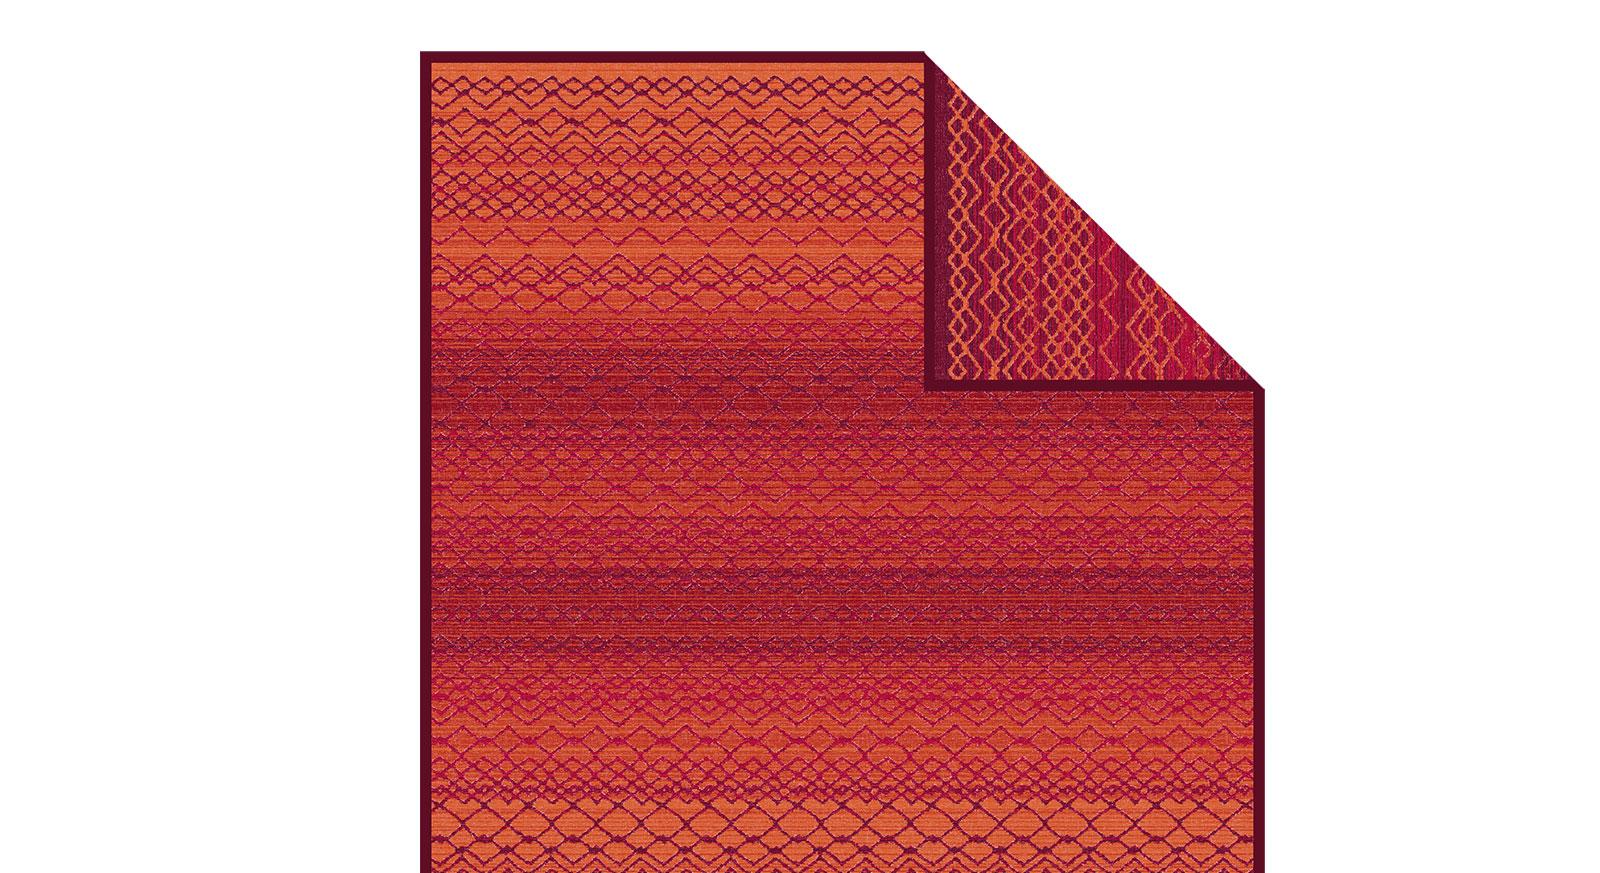 Kuscheldecke Aladdin mit aufregendem Muster